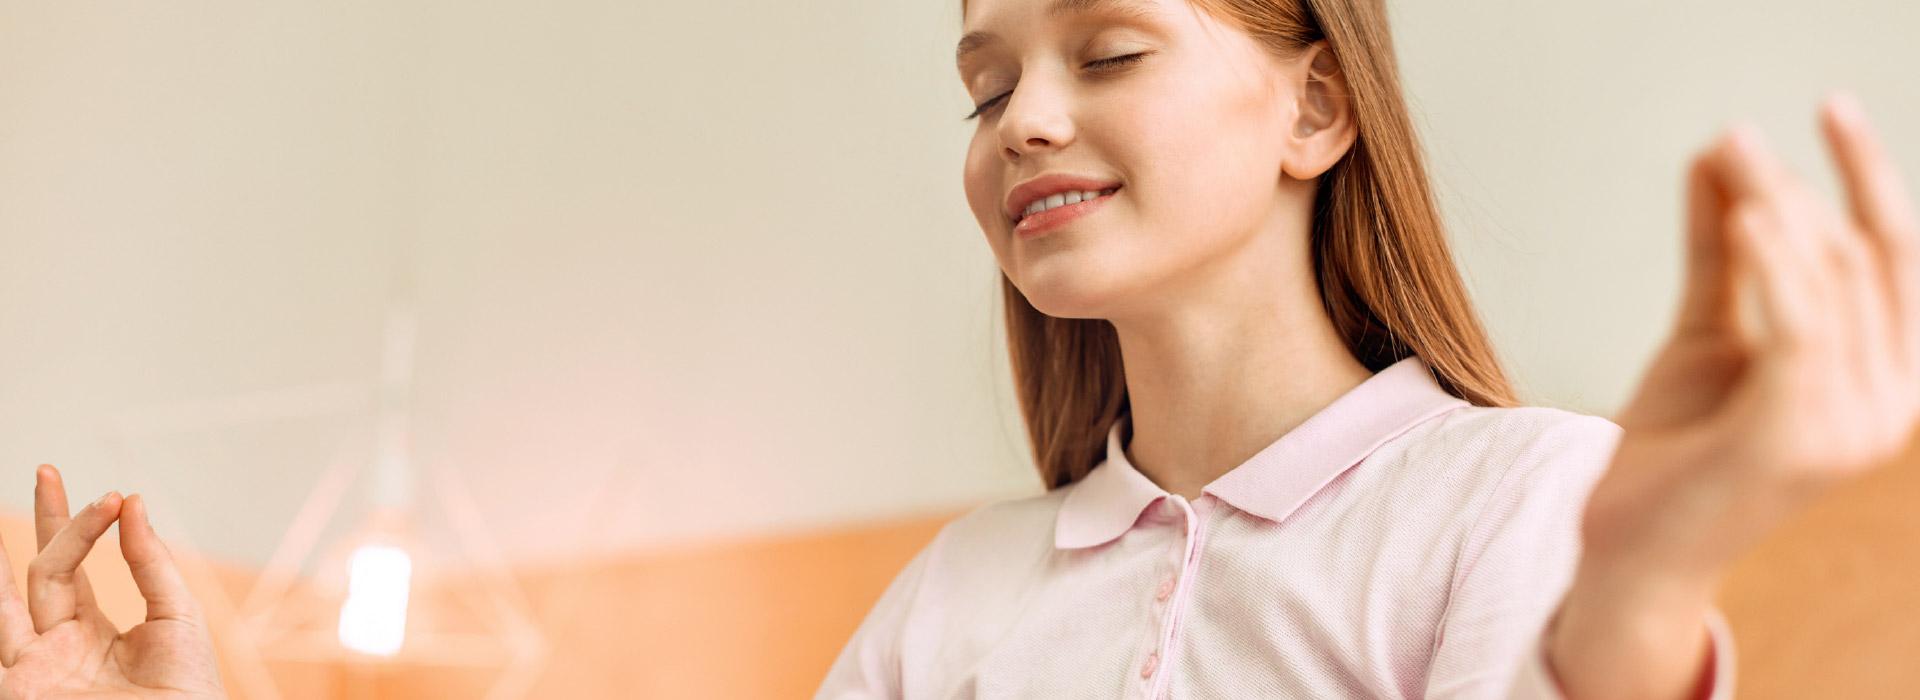 12-yoga-kinder-gesundheitswochen-2019